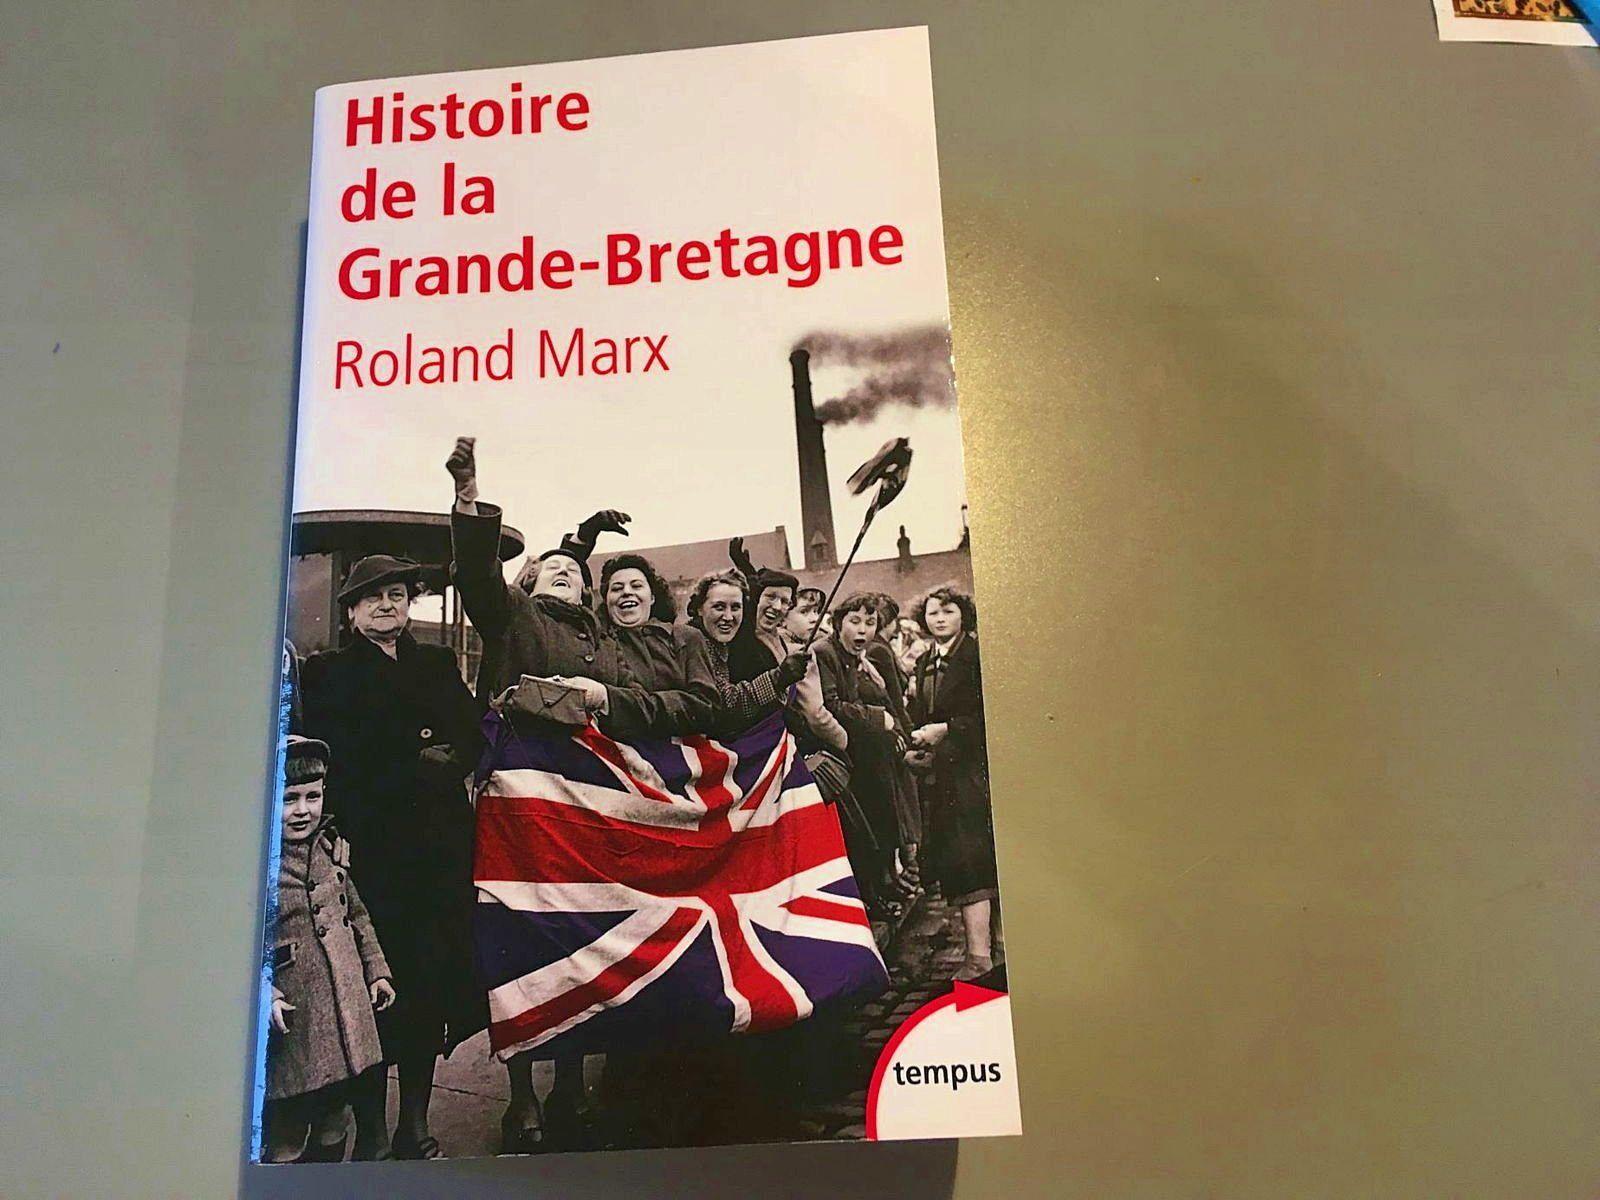 Vends Livre sur l'Histoire de la Grande-Bretagne de Marx